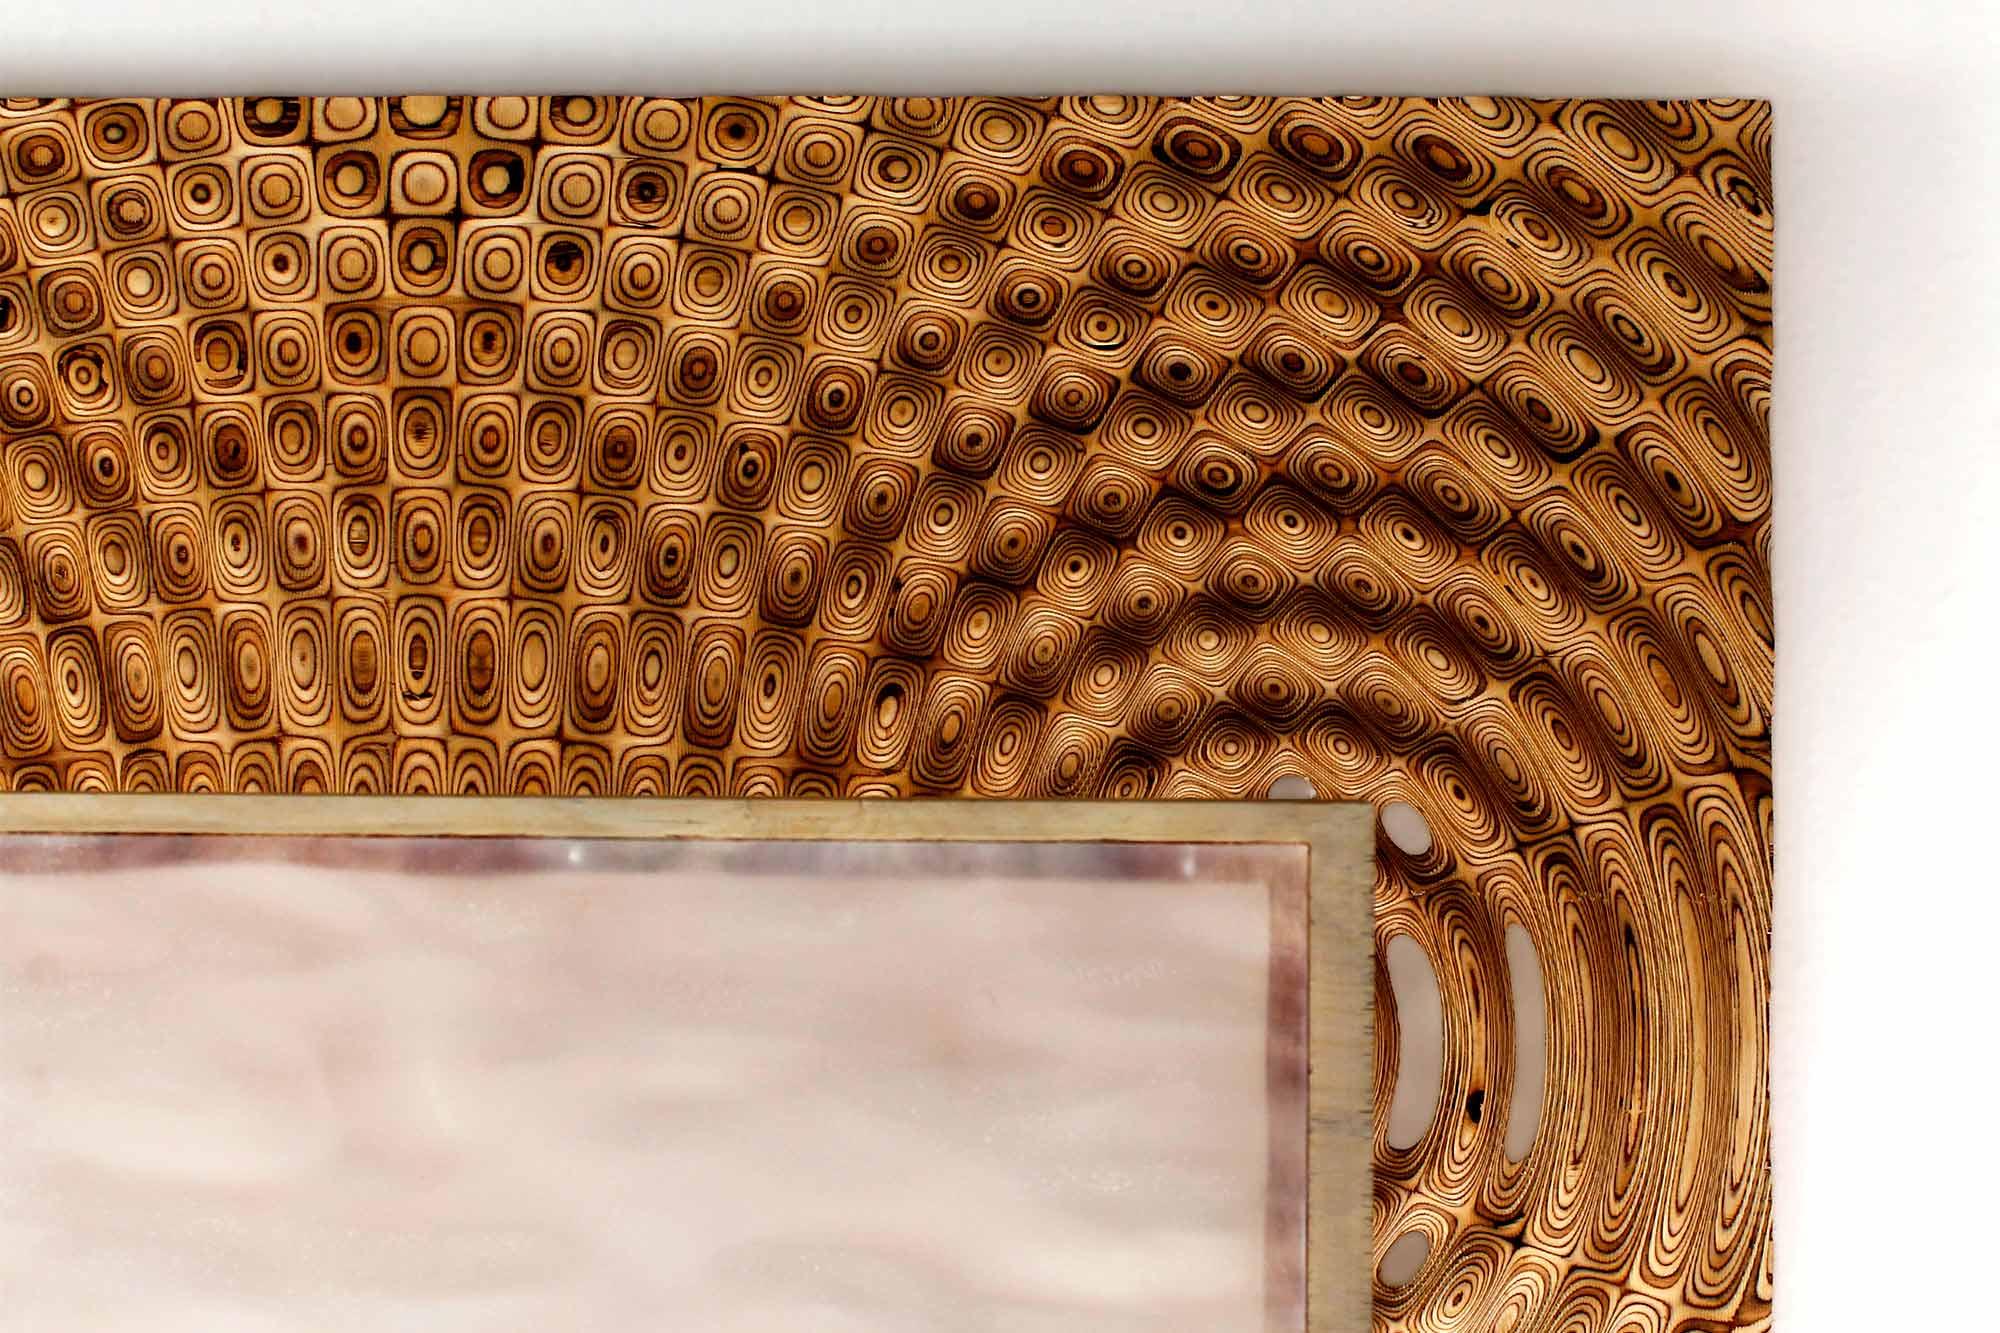 Lámpara WAVEs 1.0 realizada con fabricación digital y diseño paramétrico